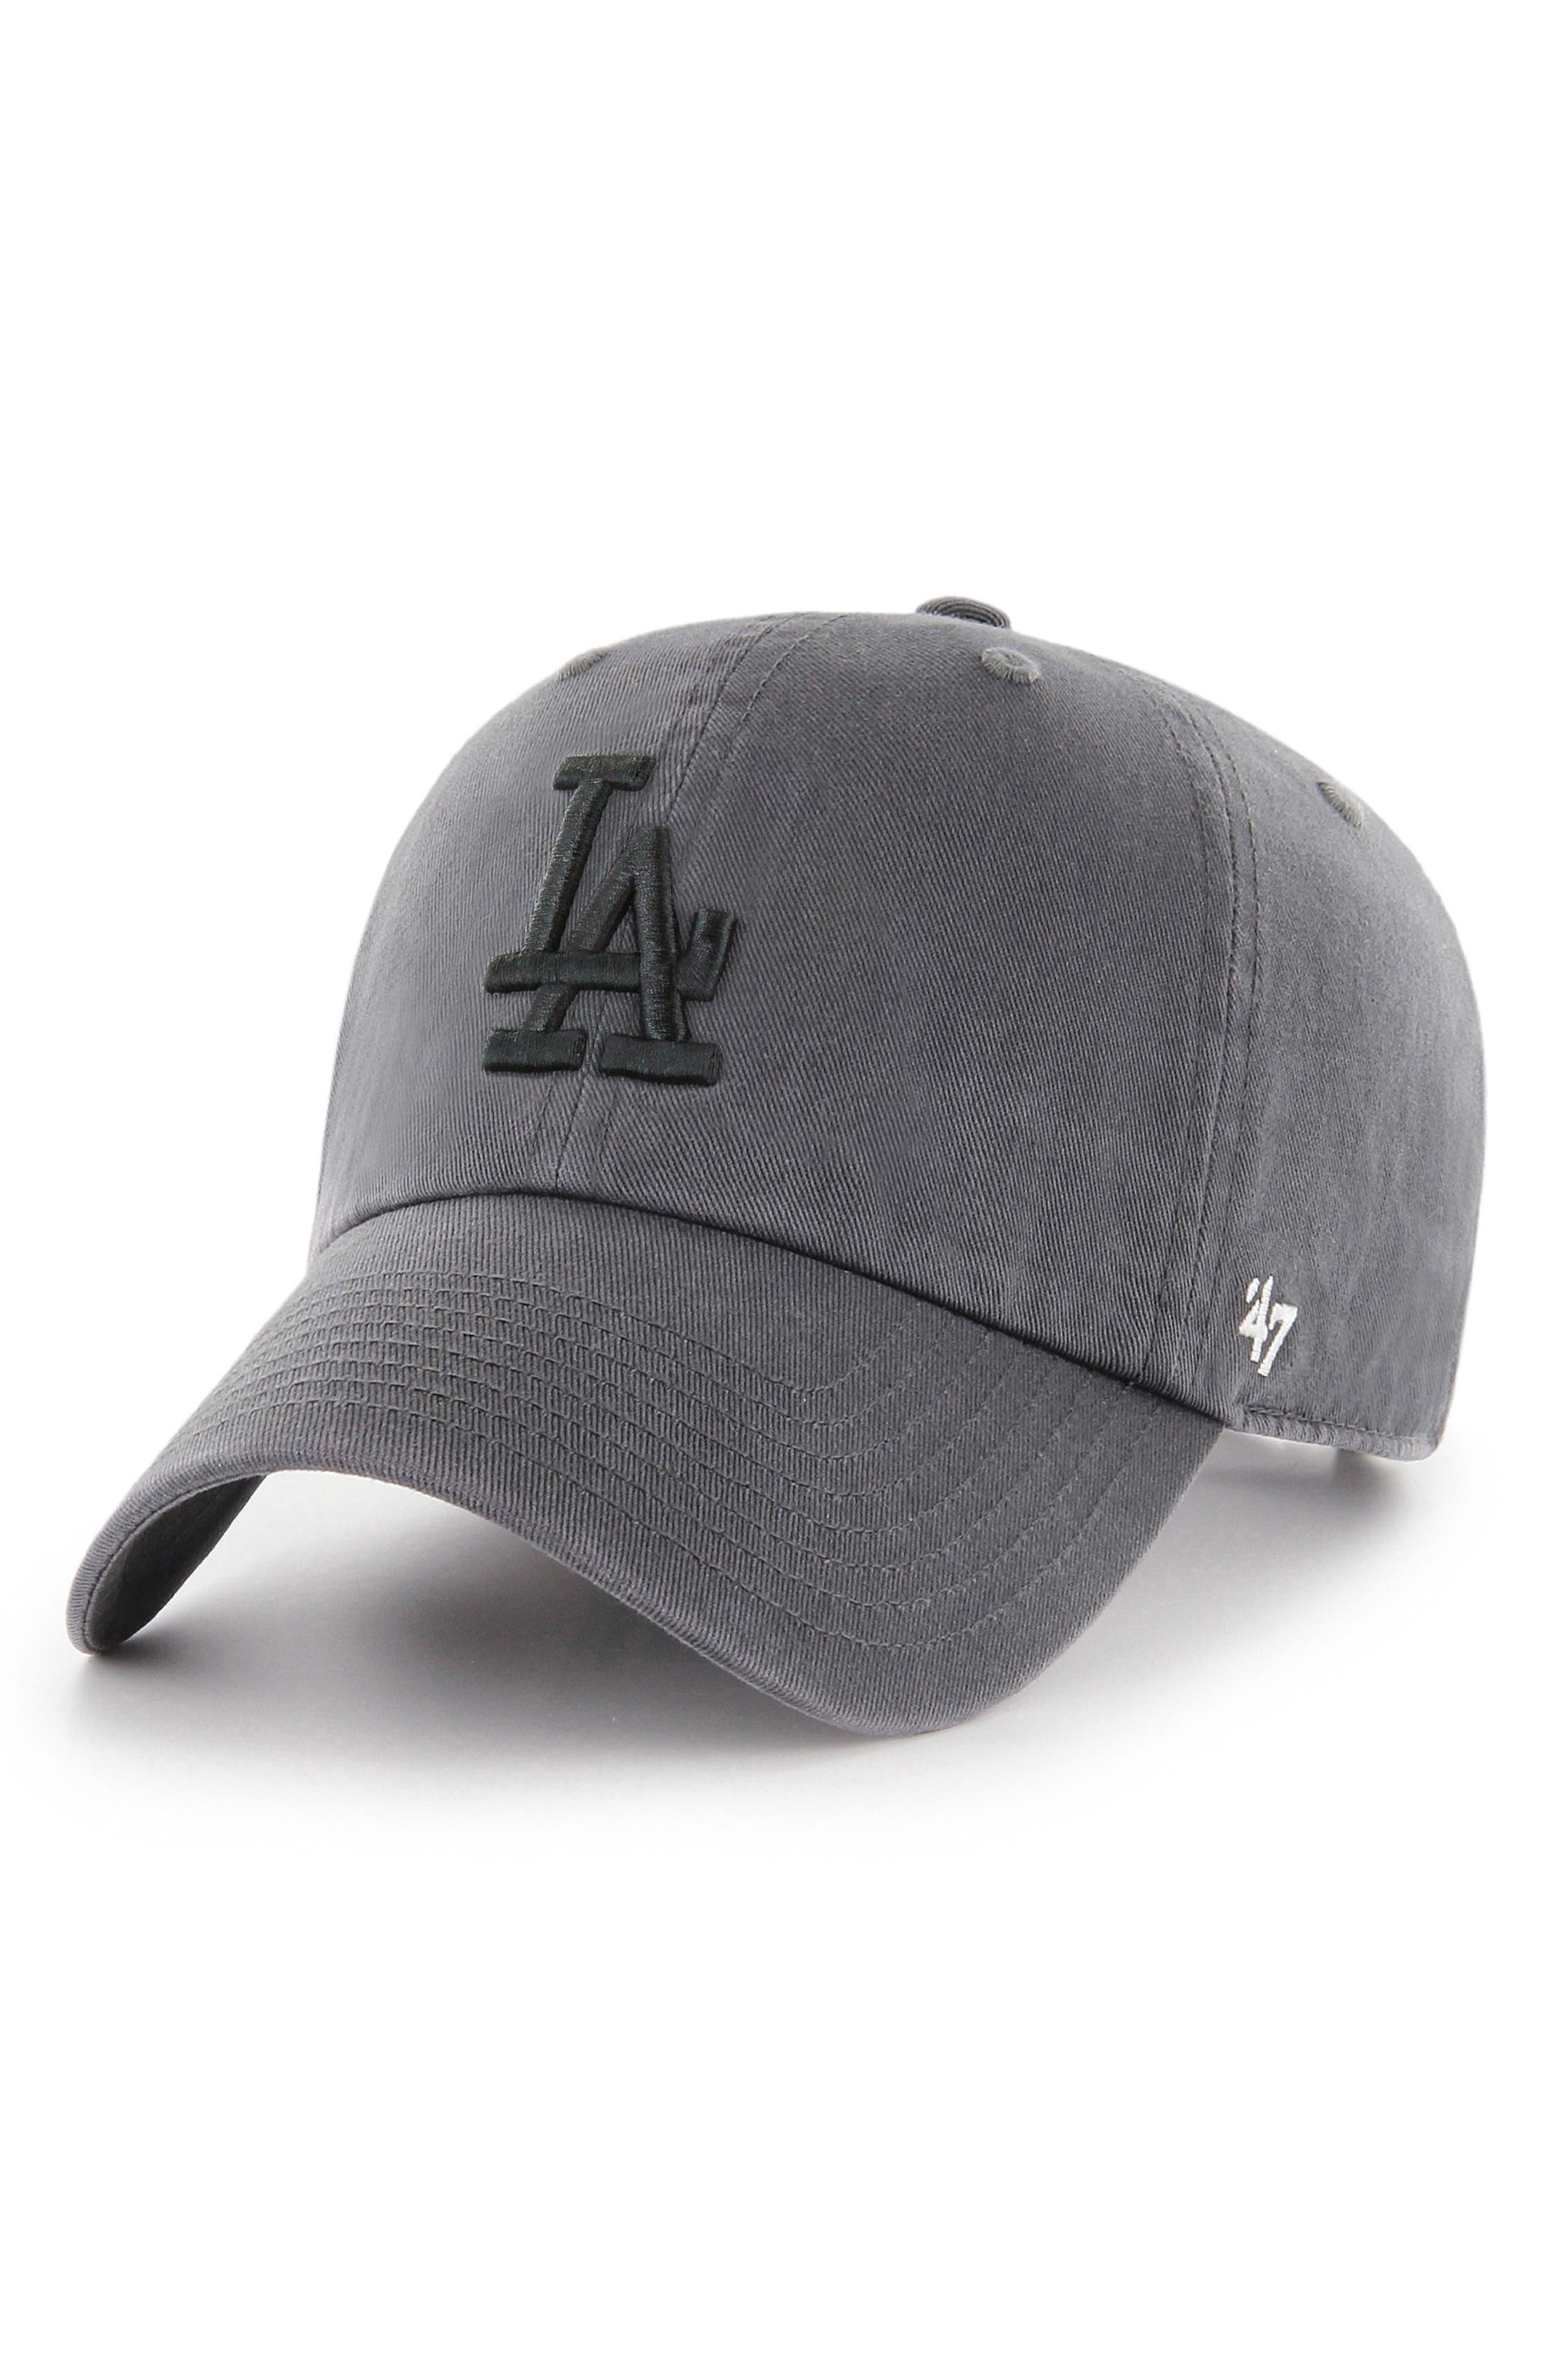 Clean Up LA Dodgers Baseball Cap,                             Main thumbnail 1, color,                             CHARCOAL